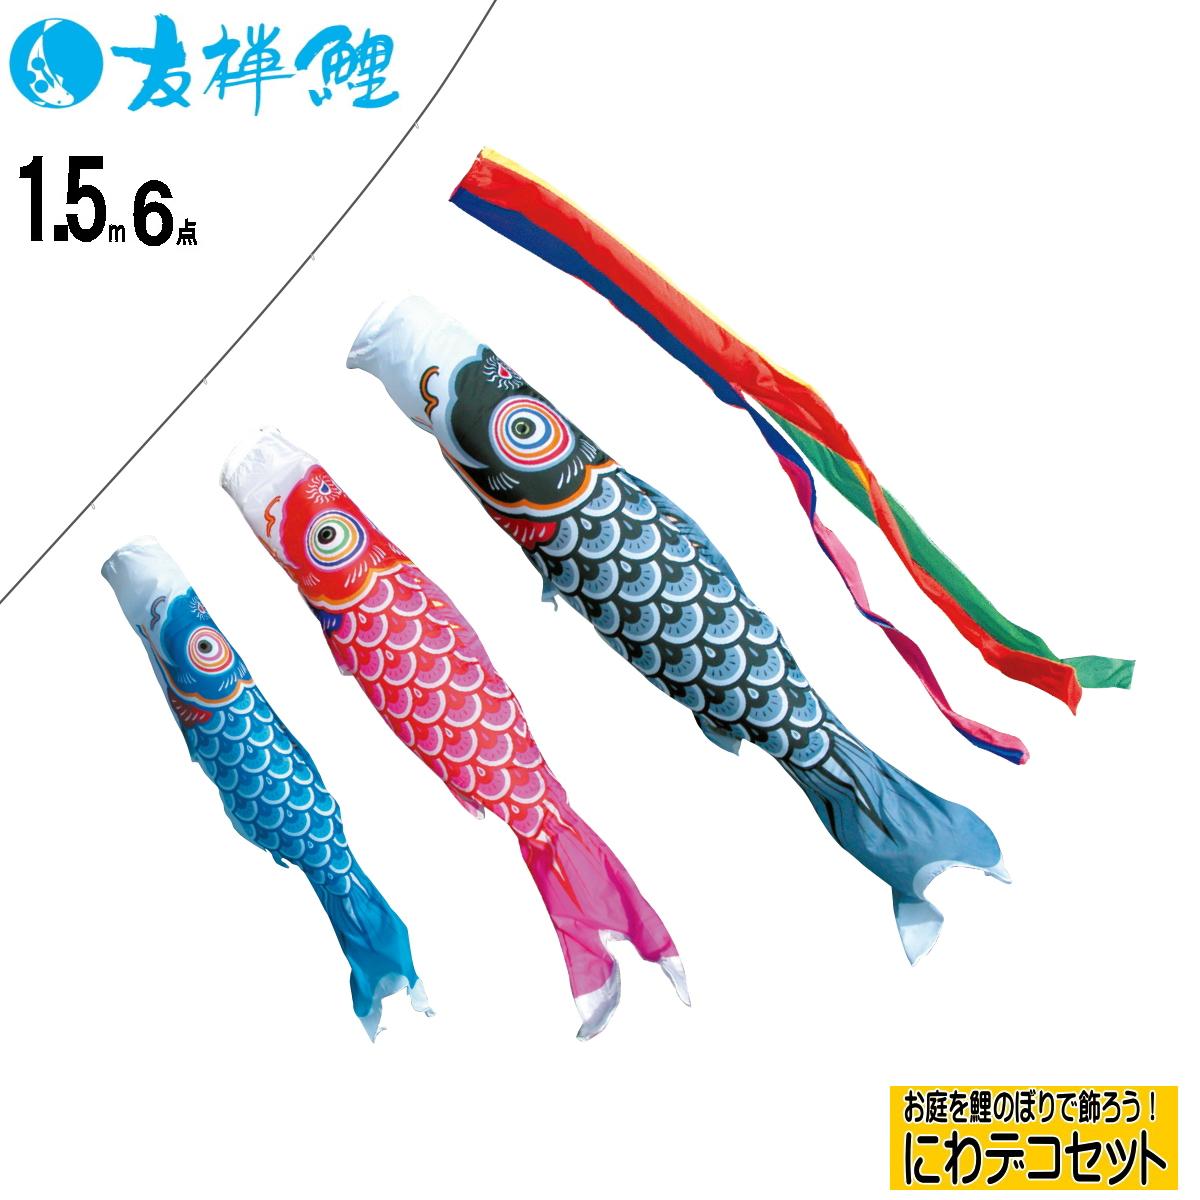 にわデコ 友禅 1.5m6点(鯉3匹)にわデコセット(ベランダ こいのぼり)(徳永鯉)鯉のぼり 鯉幟